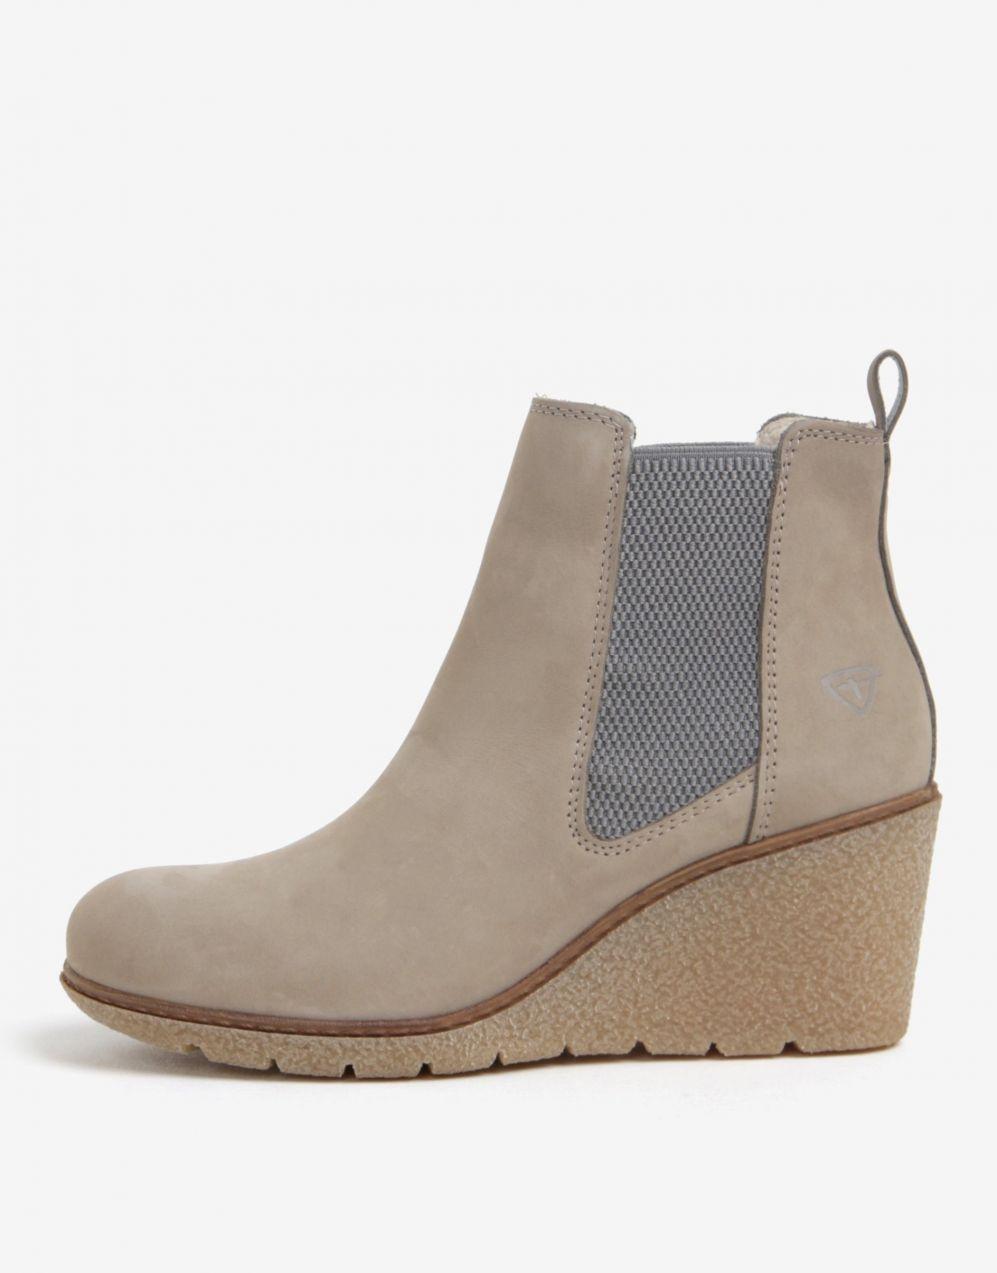 Béžové kožené členkové chelsea topánky na klinovom podpätku Tamaris značky  Tamaris - Lovely.sk 47c08c99278